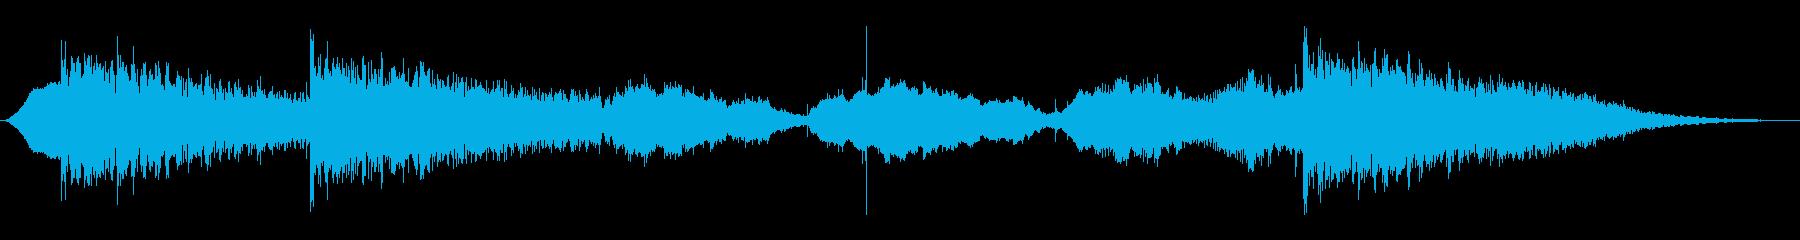 潜入・事件・追手から隠れるシーンのBGMの再生済みの波形